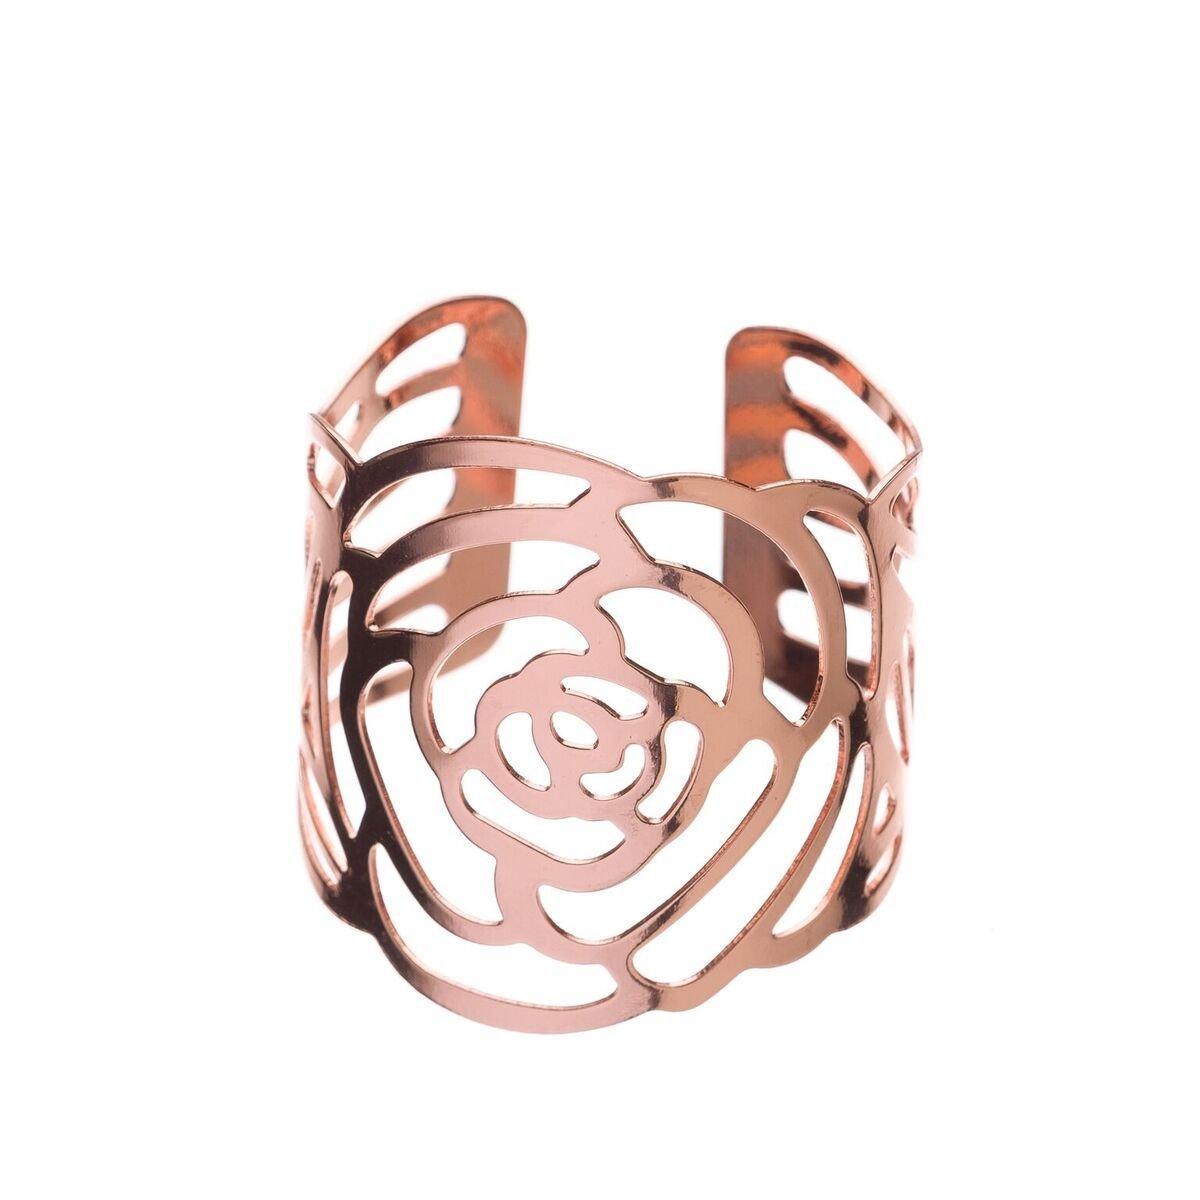 Ella Celebration Metal Rose Flower Napkin Ring Holders, Bulk Napkin Rings for Weddings, Rose Gold Set of 12 (Rose Gold)